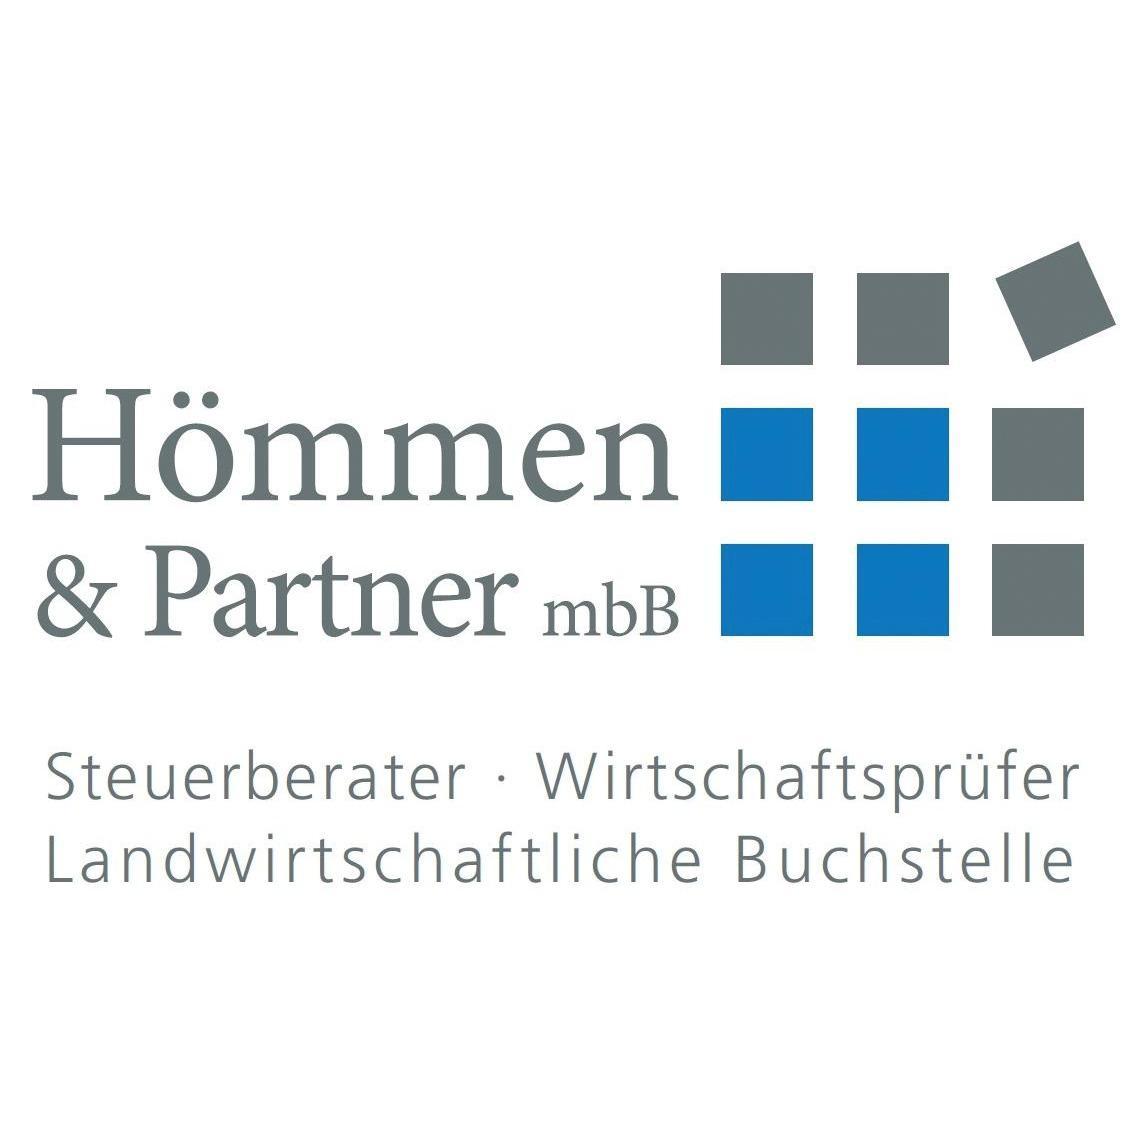 Bild zu Hömmen & Partner mbB, Steuerberater Wirtschaftprüfer Landwirtschaftliche Buchstelle in Werlte